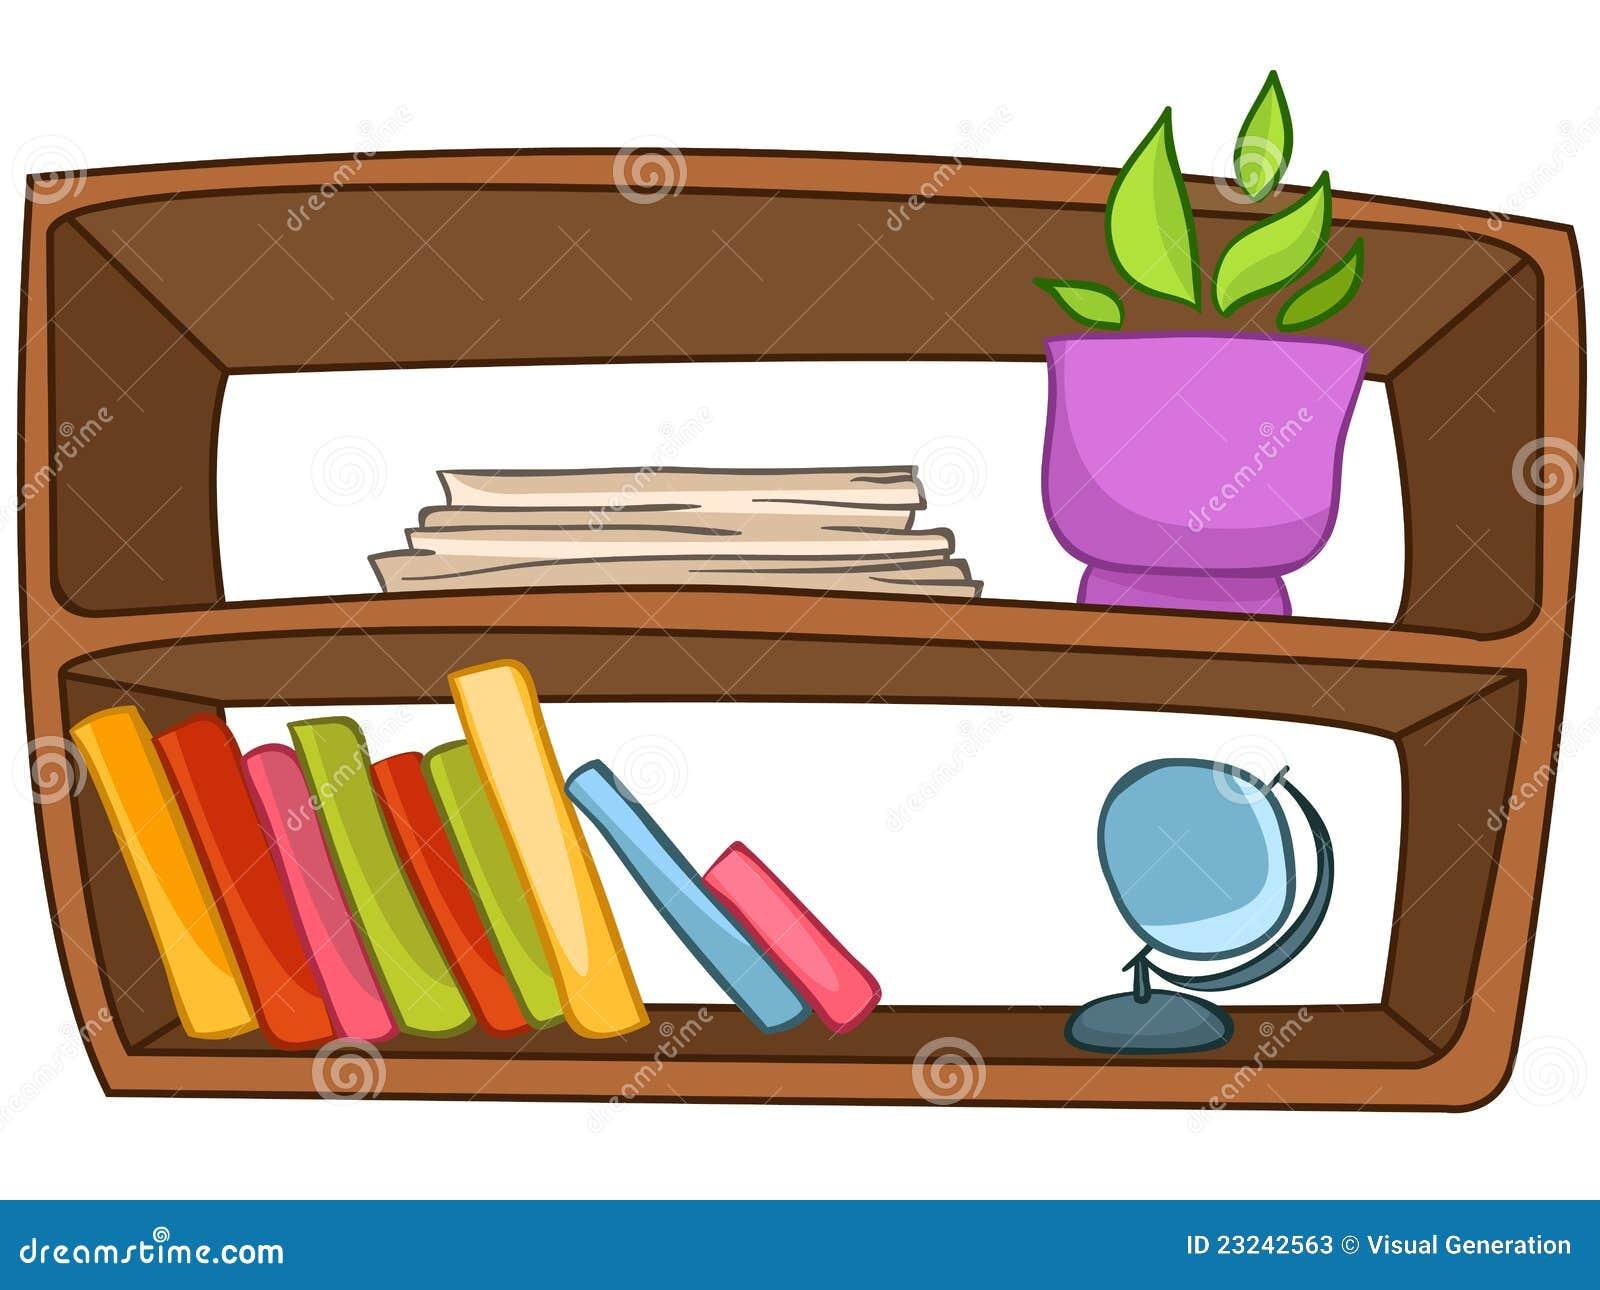 tag re de livre la maison de meubles de dessin anim illustration de vecteur image 23242563. Black Bedroom Furniture Sets. Home Design Ideas